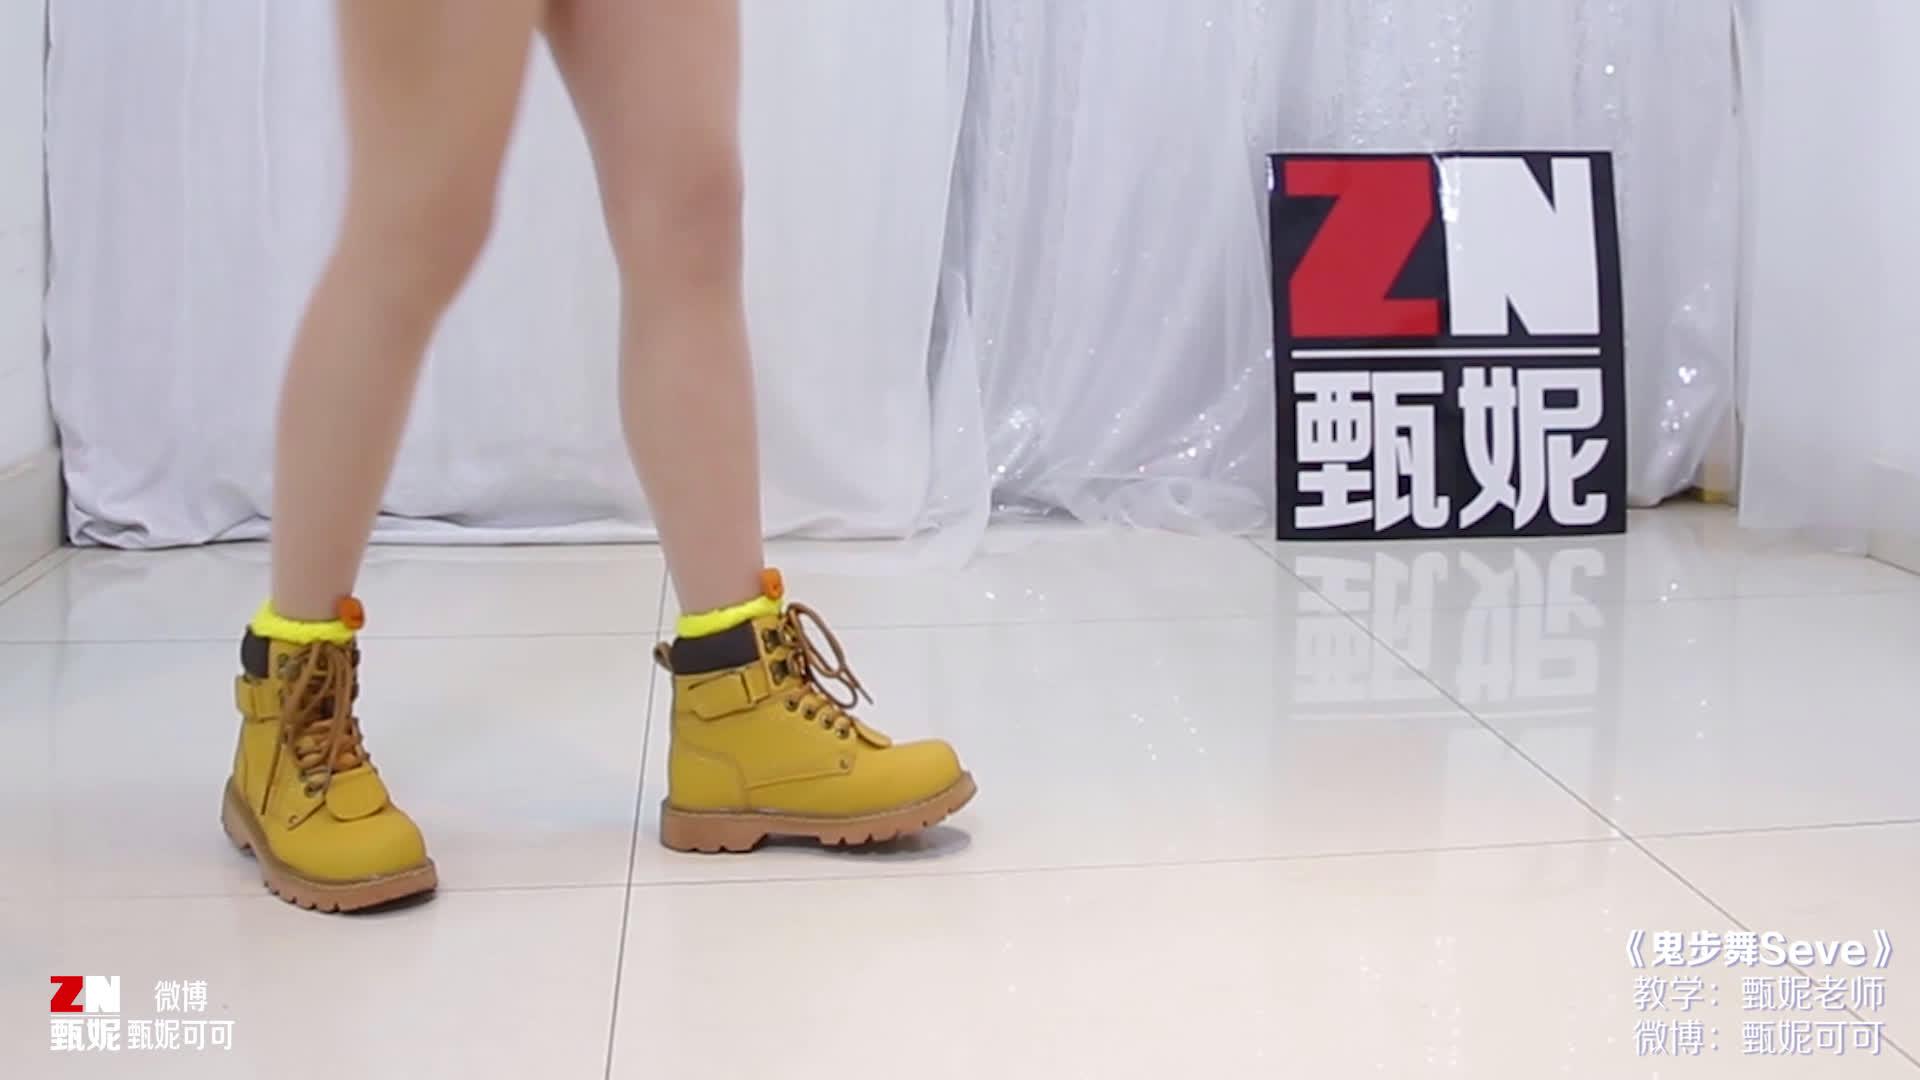 【甄妮可可】鬼步舞seve 舞蹈+慢动作